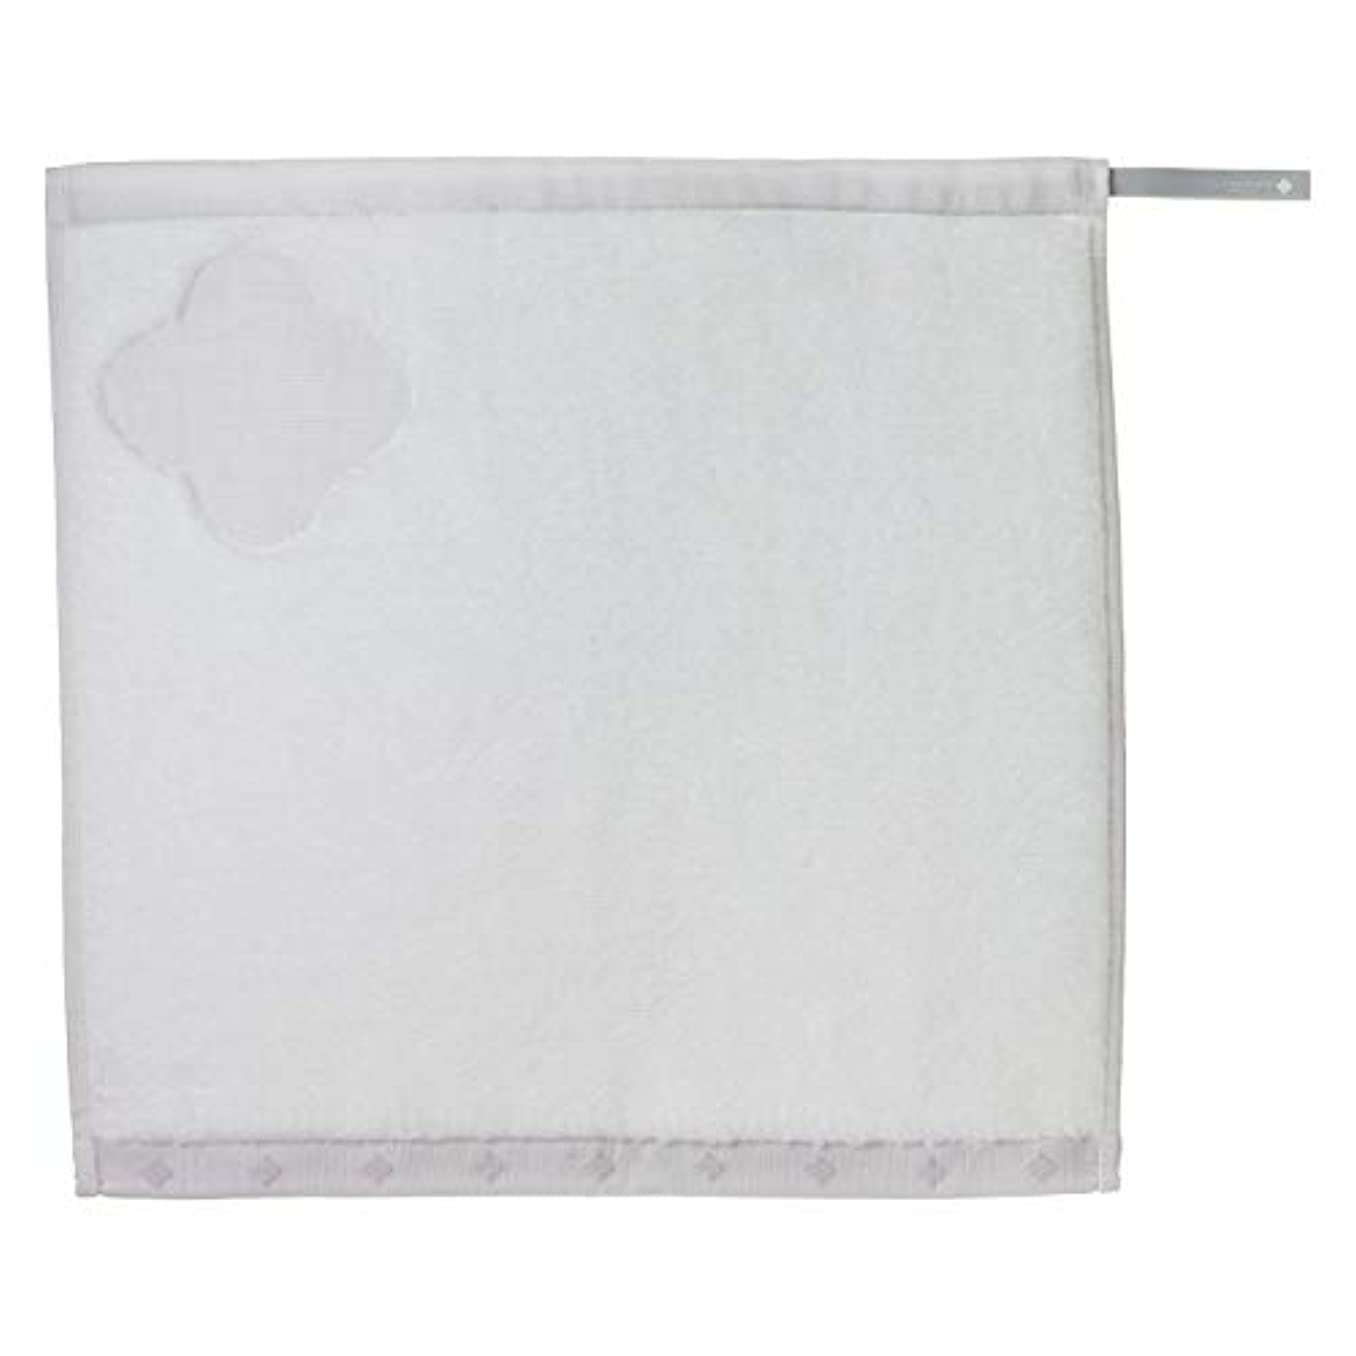 ミント法令磨かれたKOBAKO(コバコ) スチーム洗顔タオル